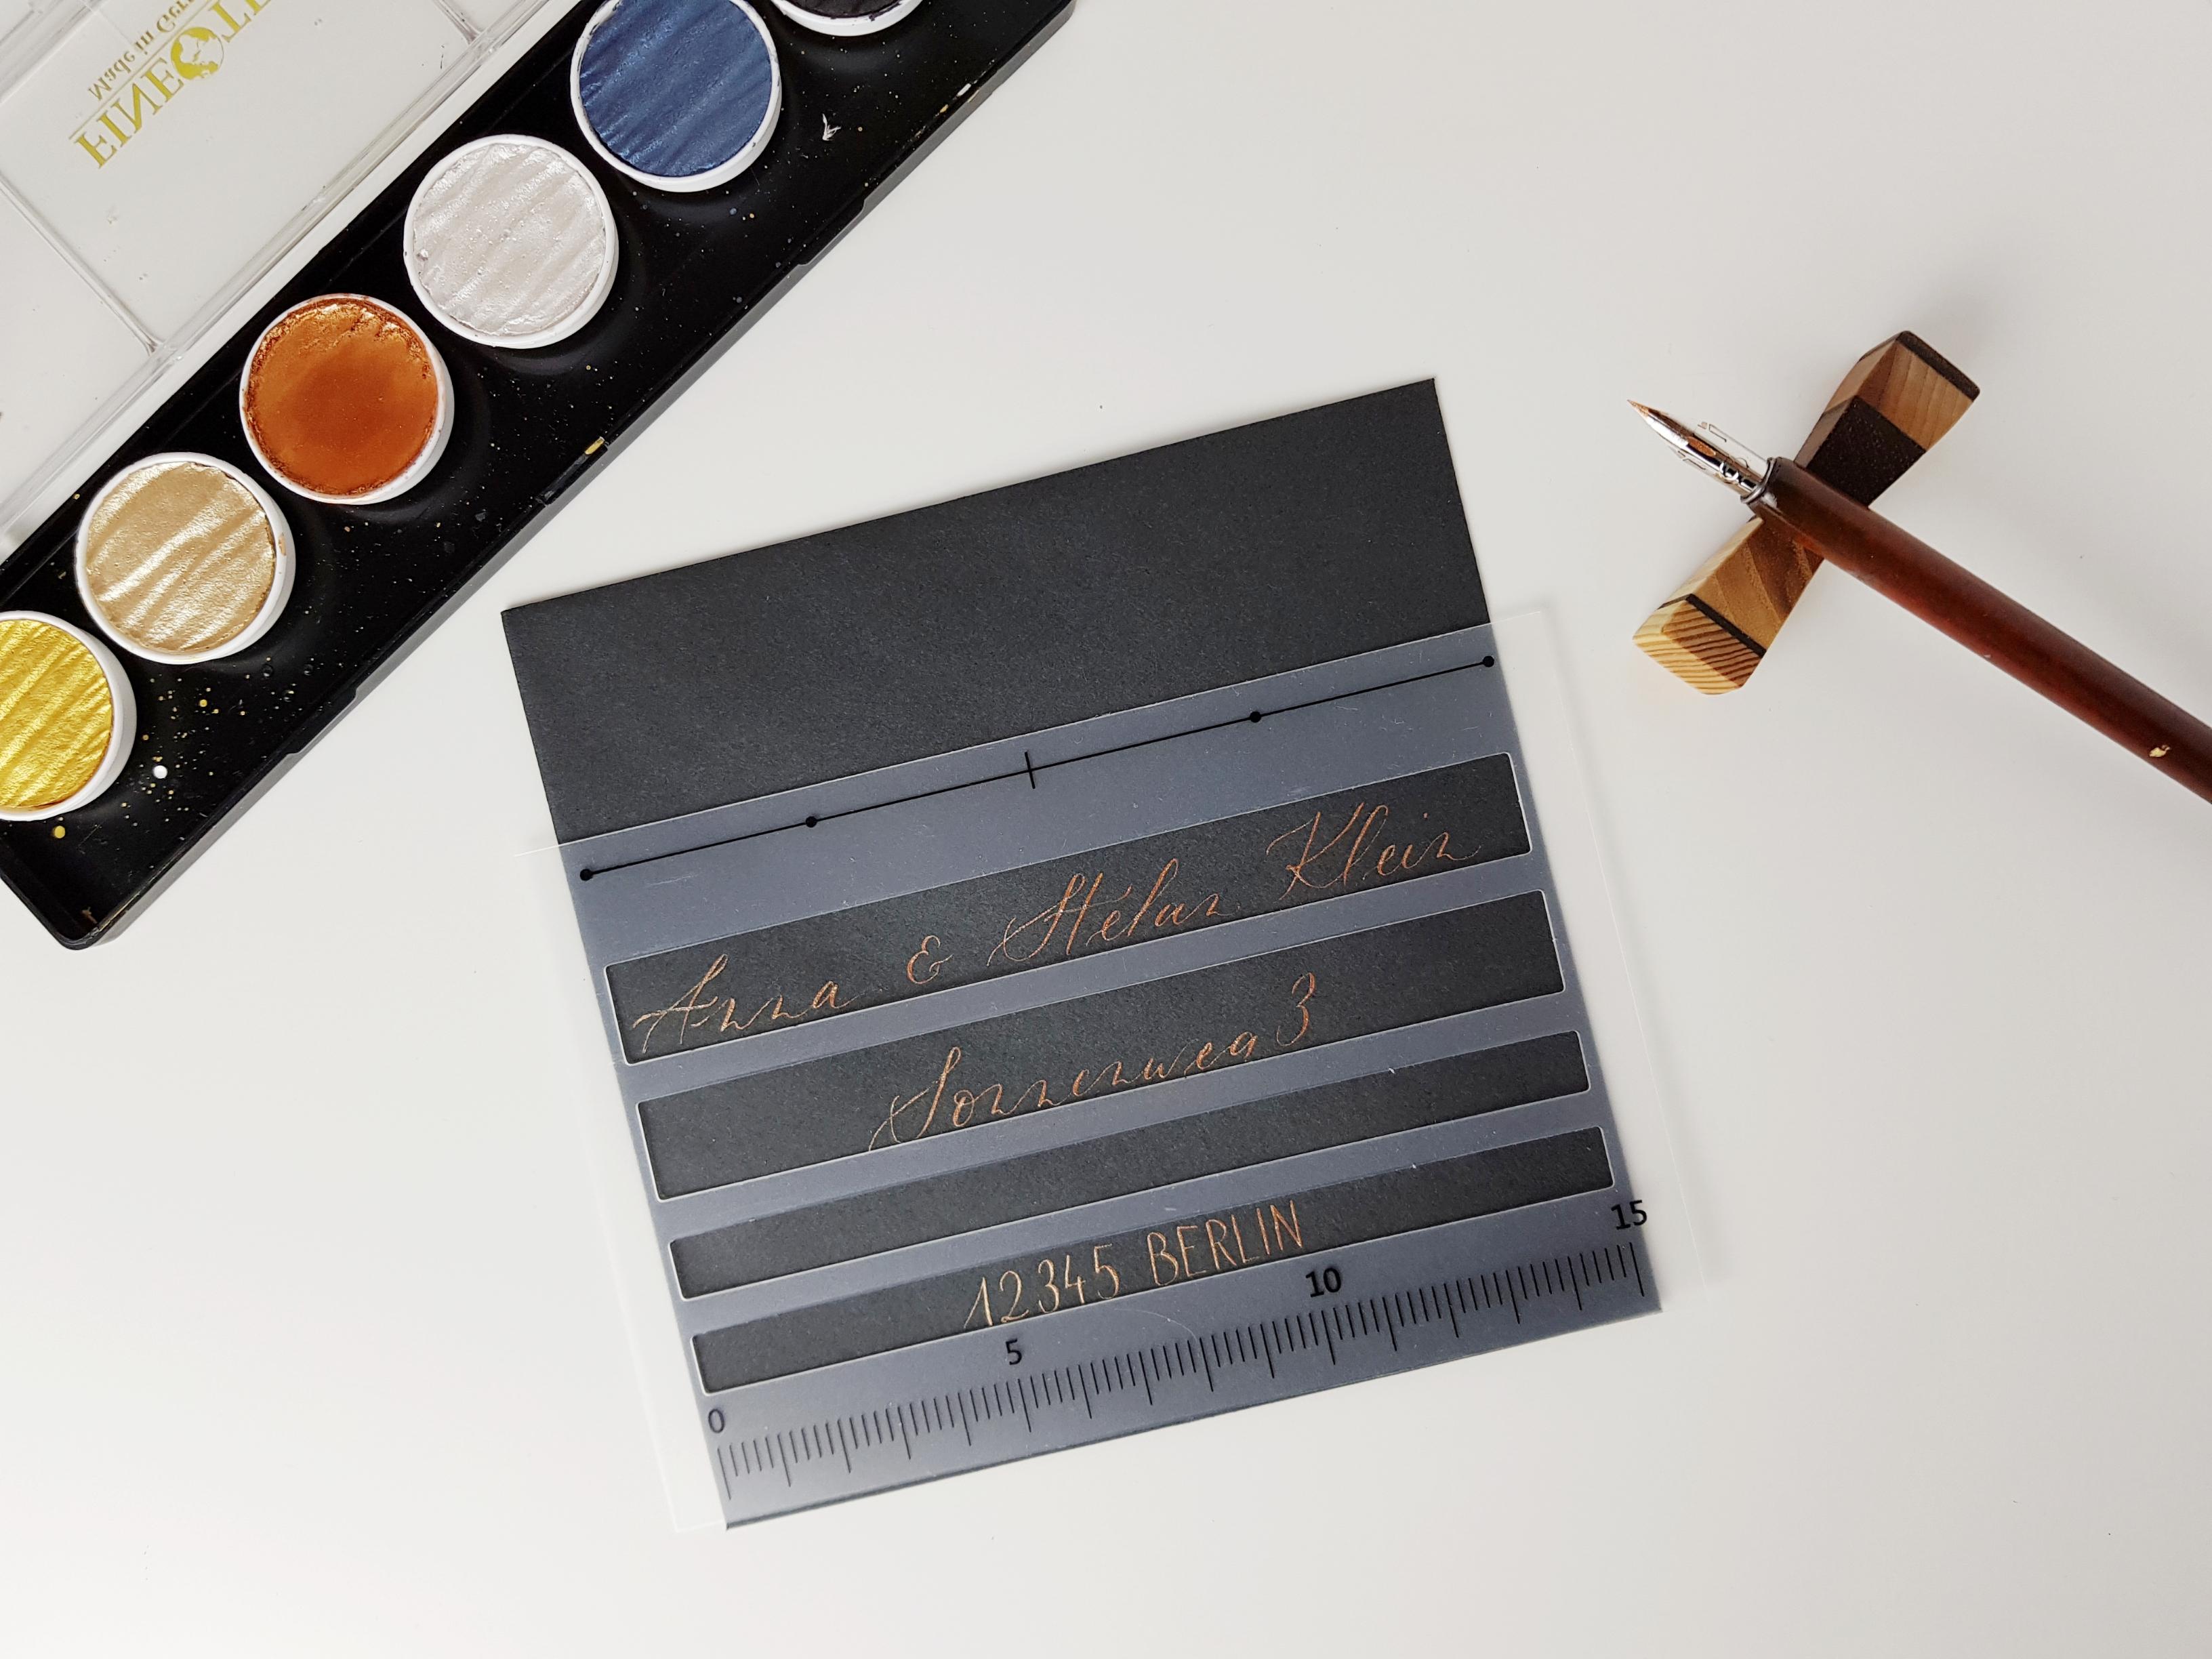 Beschriftung eines Umschlags mit moderner Kalligraphie mit Schablone als Hilfslinie